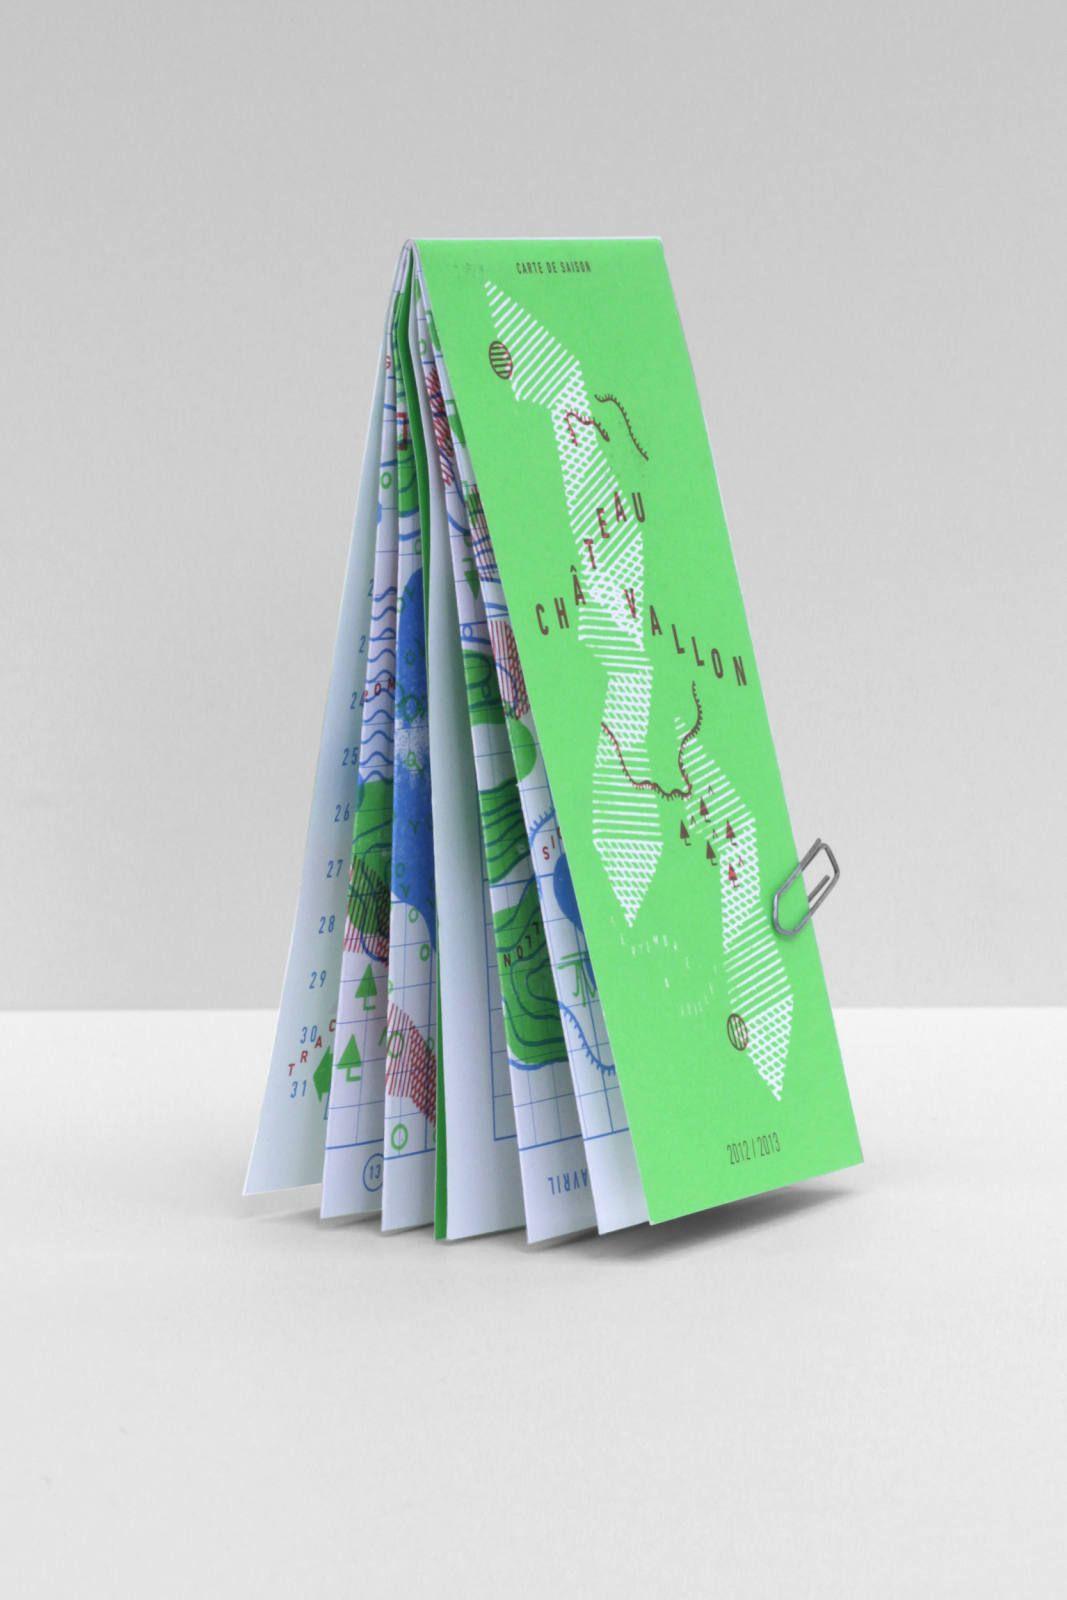 La carte de la saison 2012 et 2013 de Châteauvallon. Un objet hybride entre top...